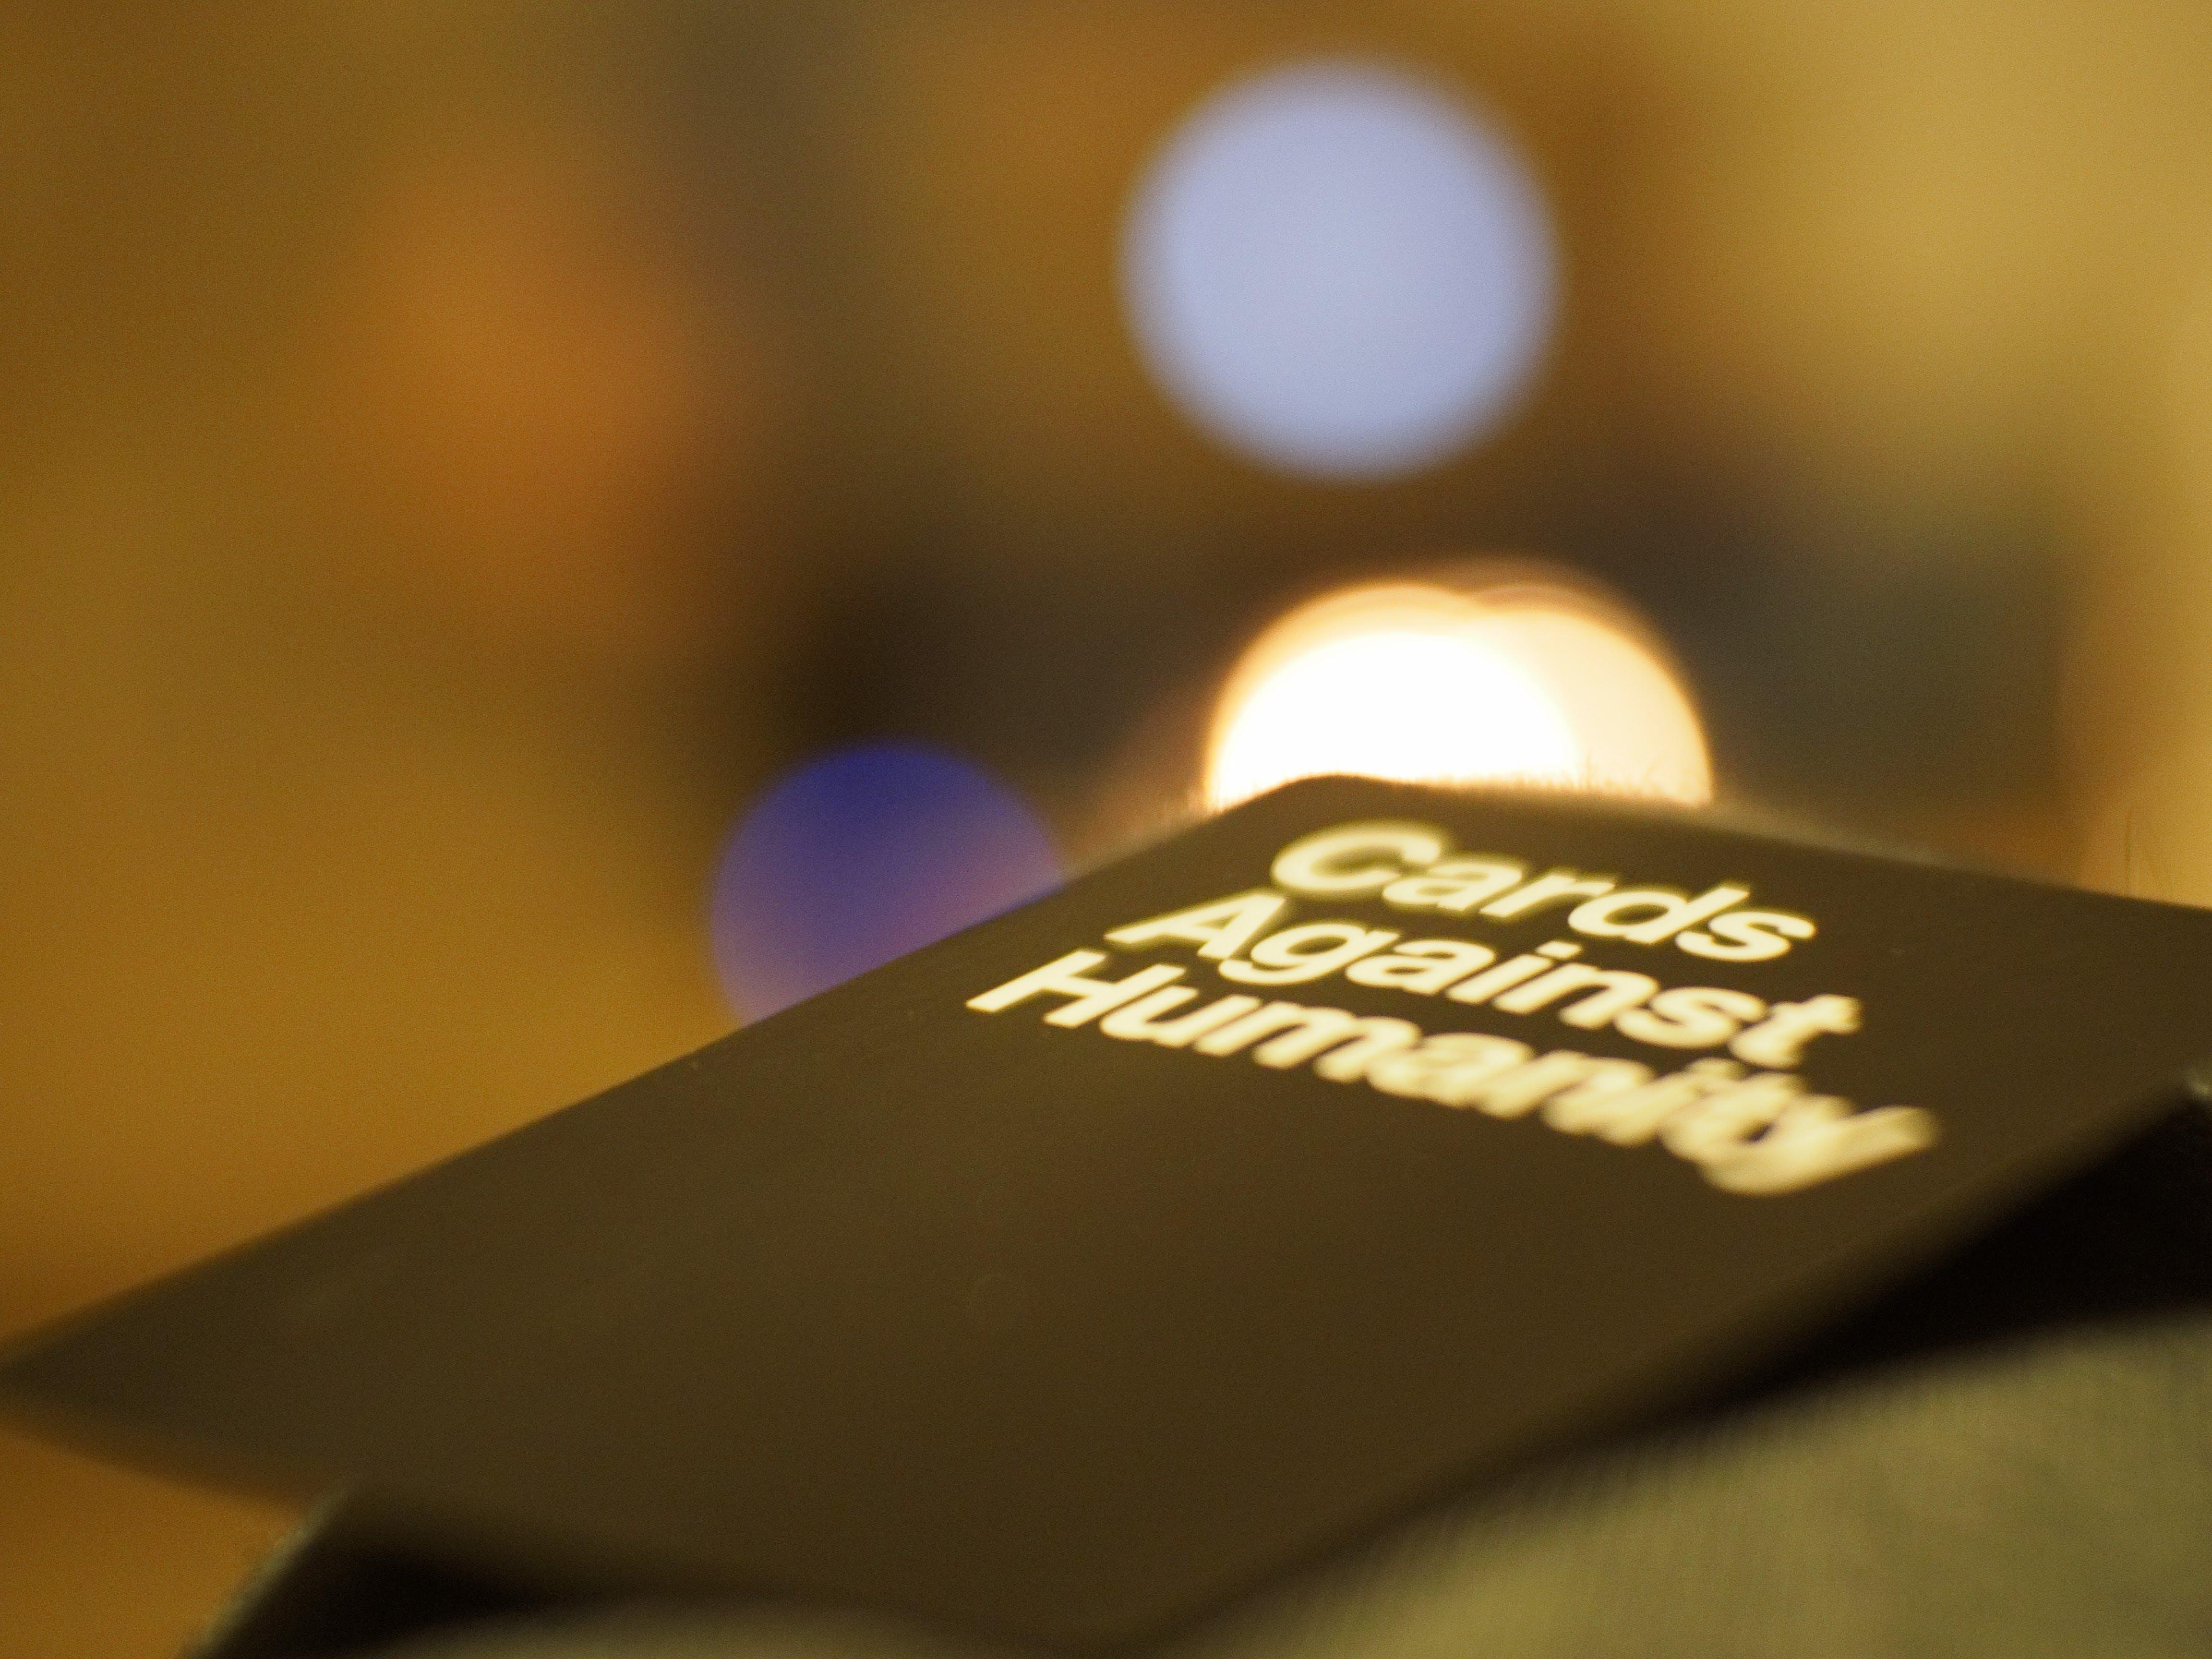 açık, akıl oyunu, doğrum günü kartları, insanlığa karşı kartlar içeren Ücretsiz stok fotoğraf